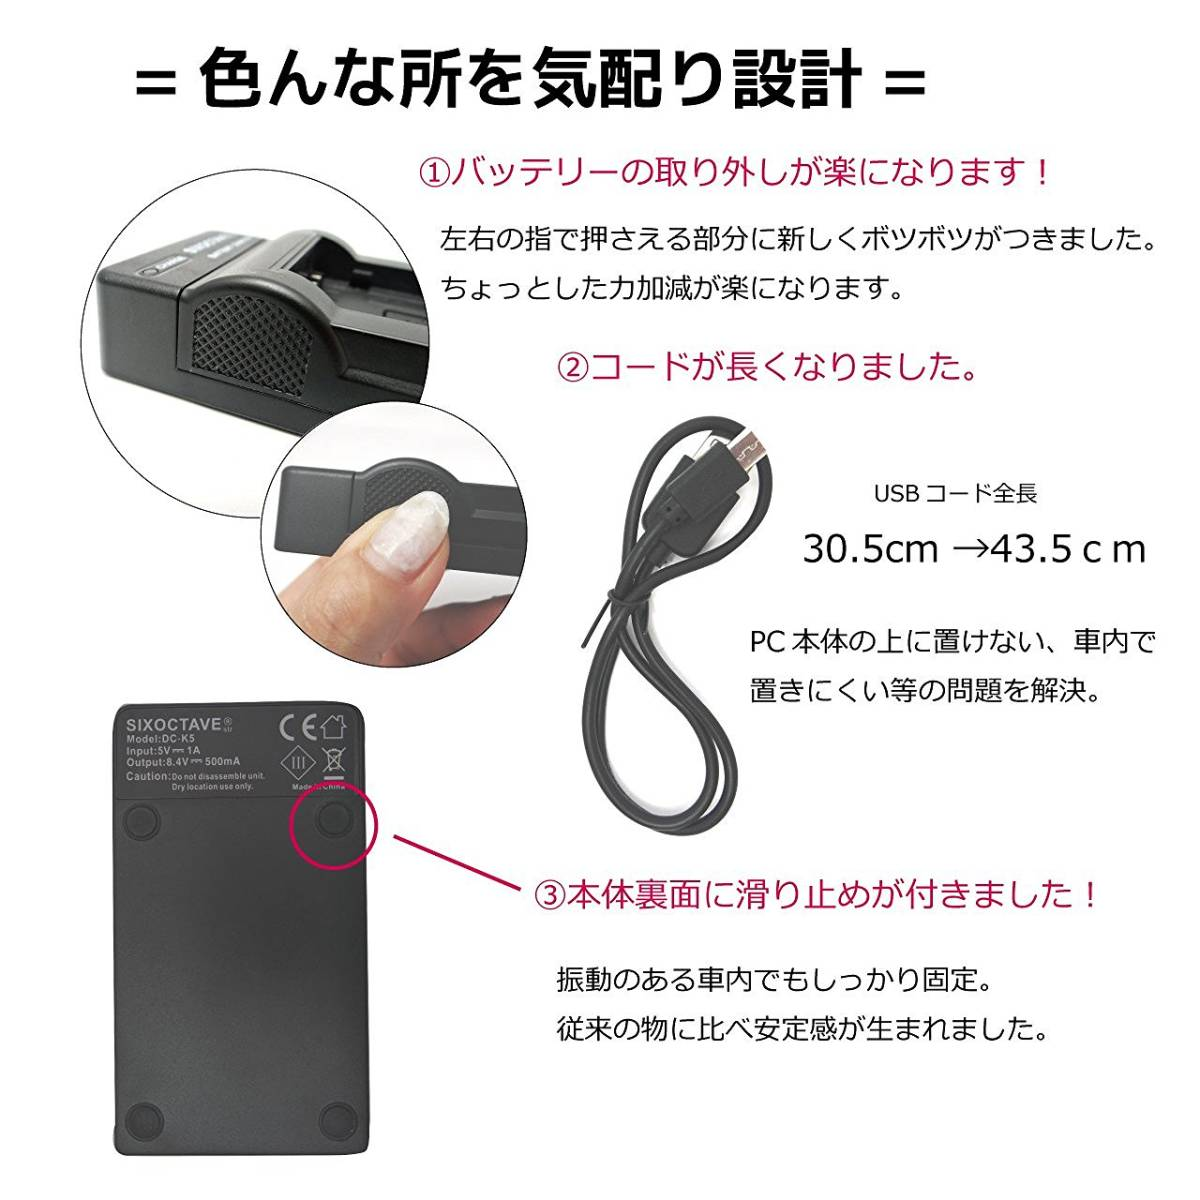 【新品】PanasonicパナソニックVW-VBT190 互換USB充電器HDC-TM70 / HDC-TM60 / HDC-HS60 / HDC-TM35 / HDC-TM90 / HDC-TM95_画像4